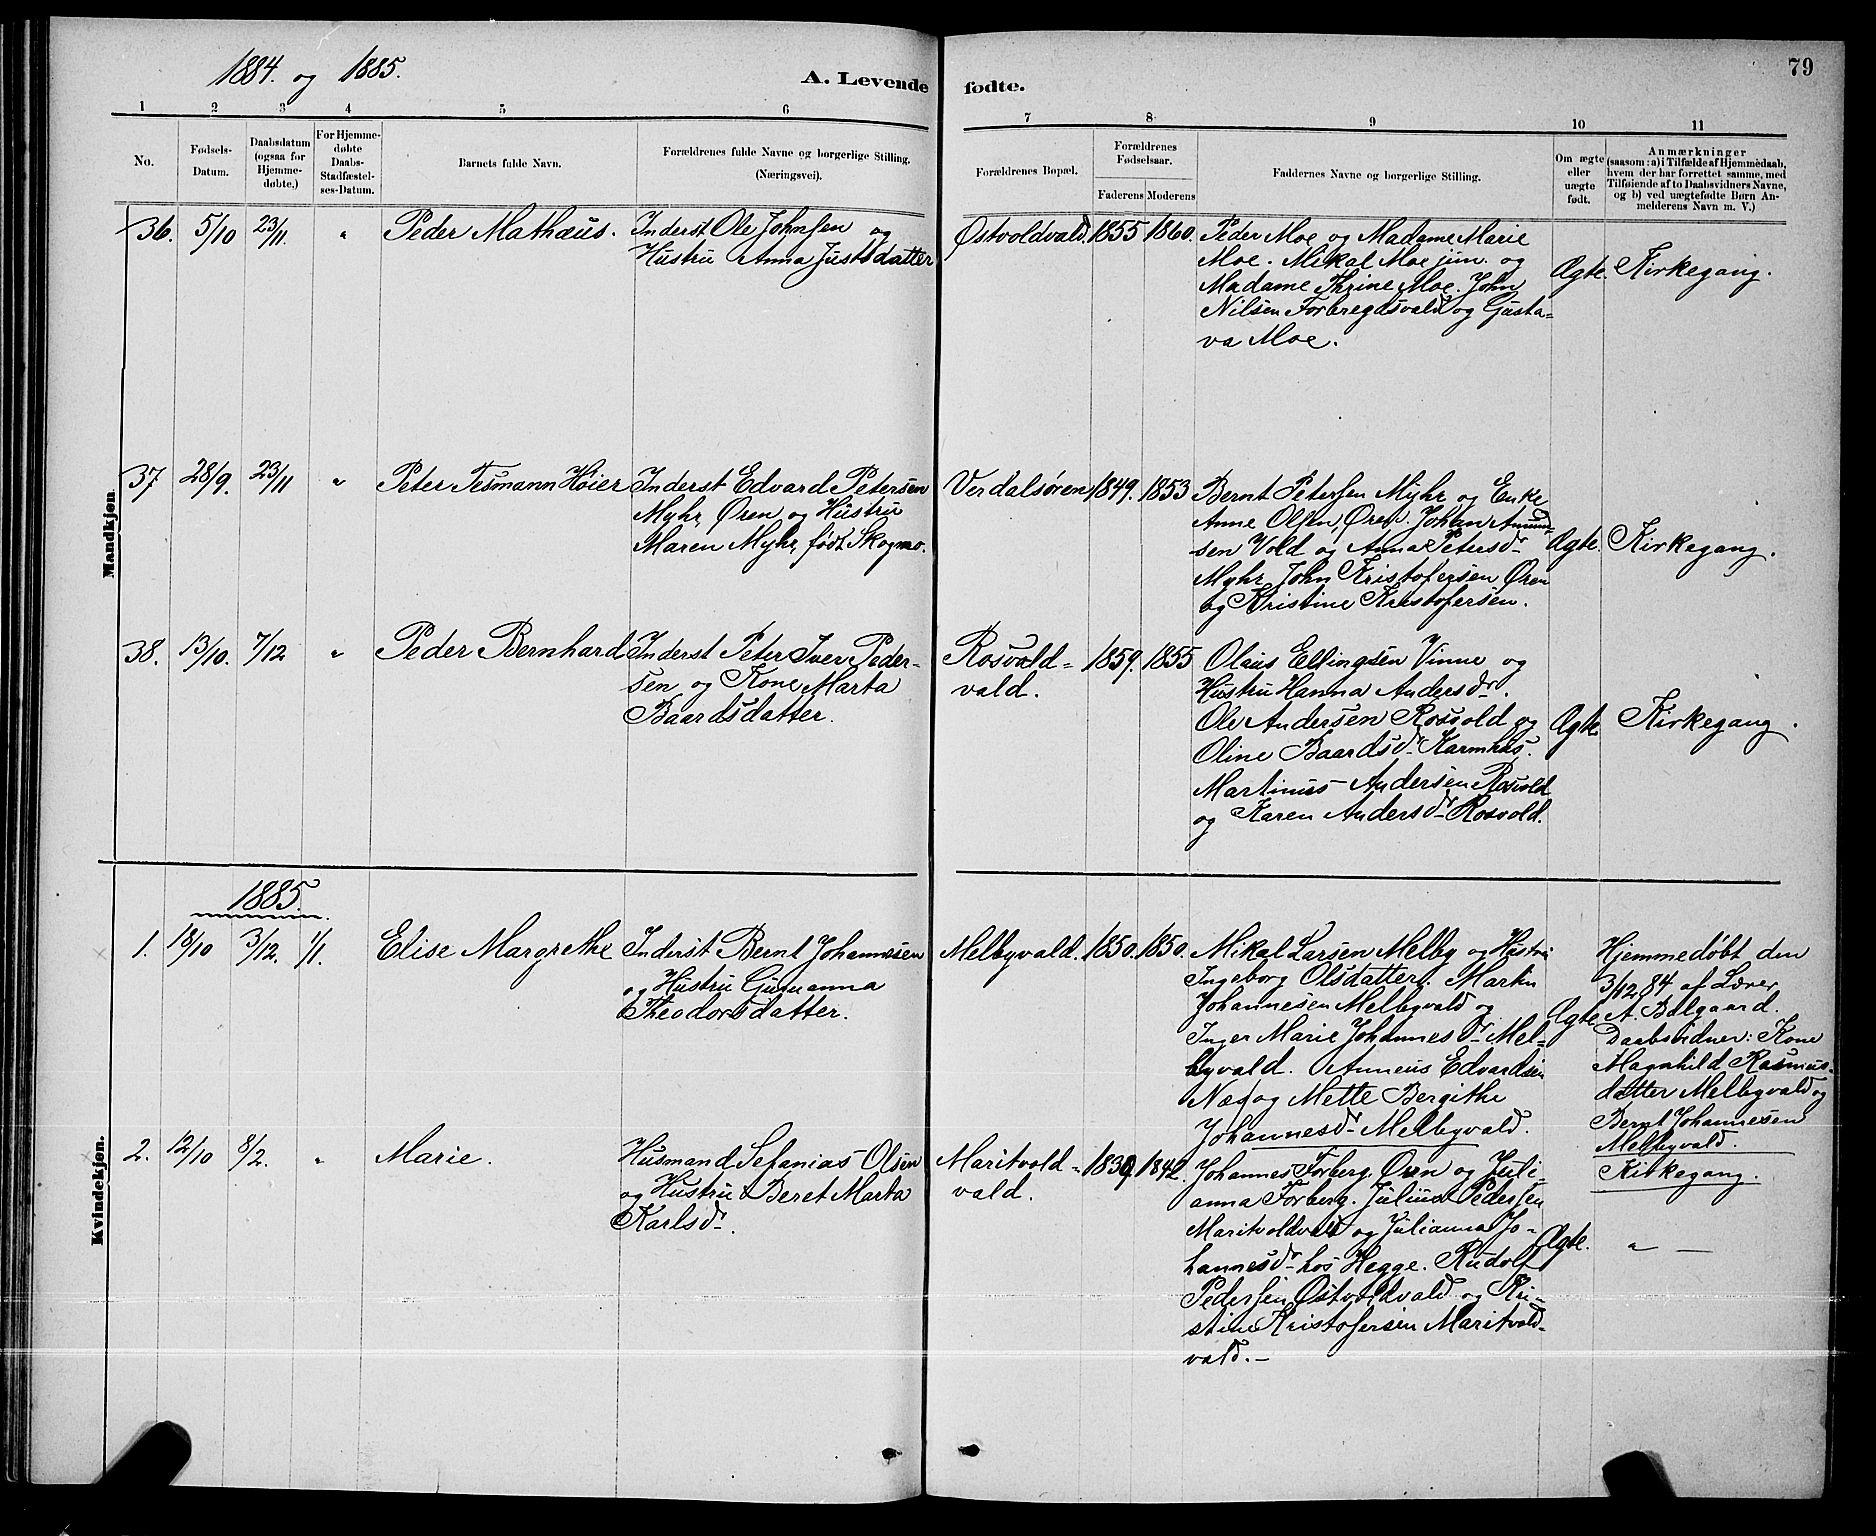 SAT, Ministerialprotokoller, klokkerbøker og fødselsregistre - Nord-Trøndelag, 723/L0256: Klokkerbok nr. 723C04, 1879-1890, s. 79